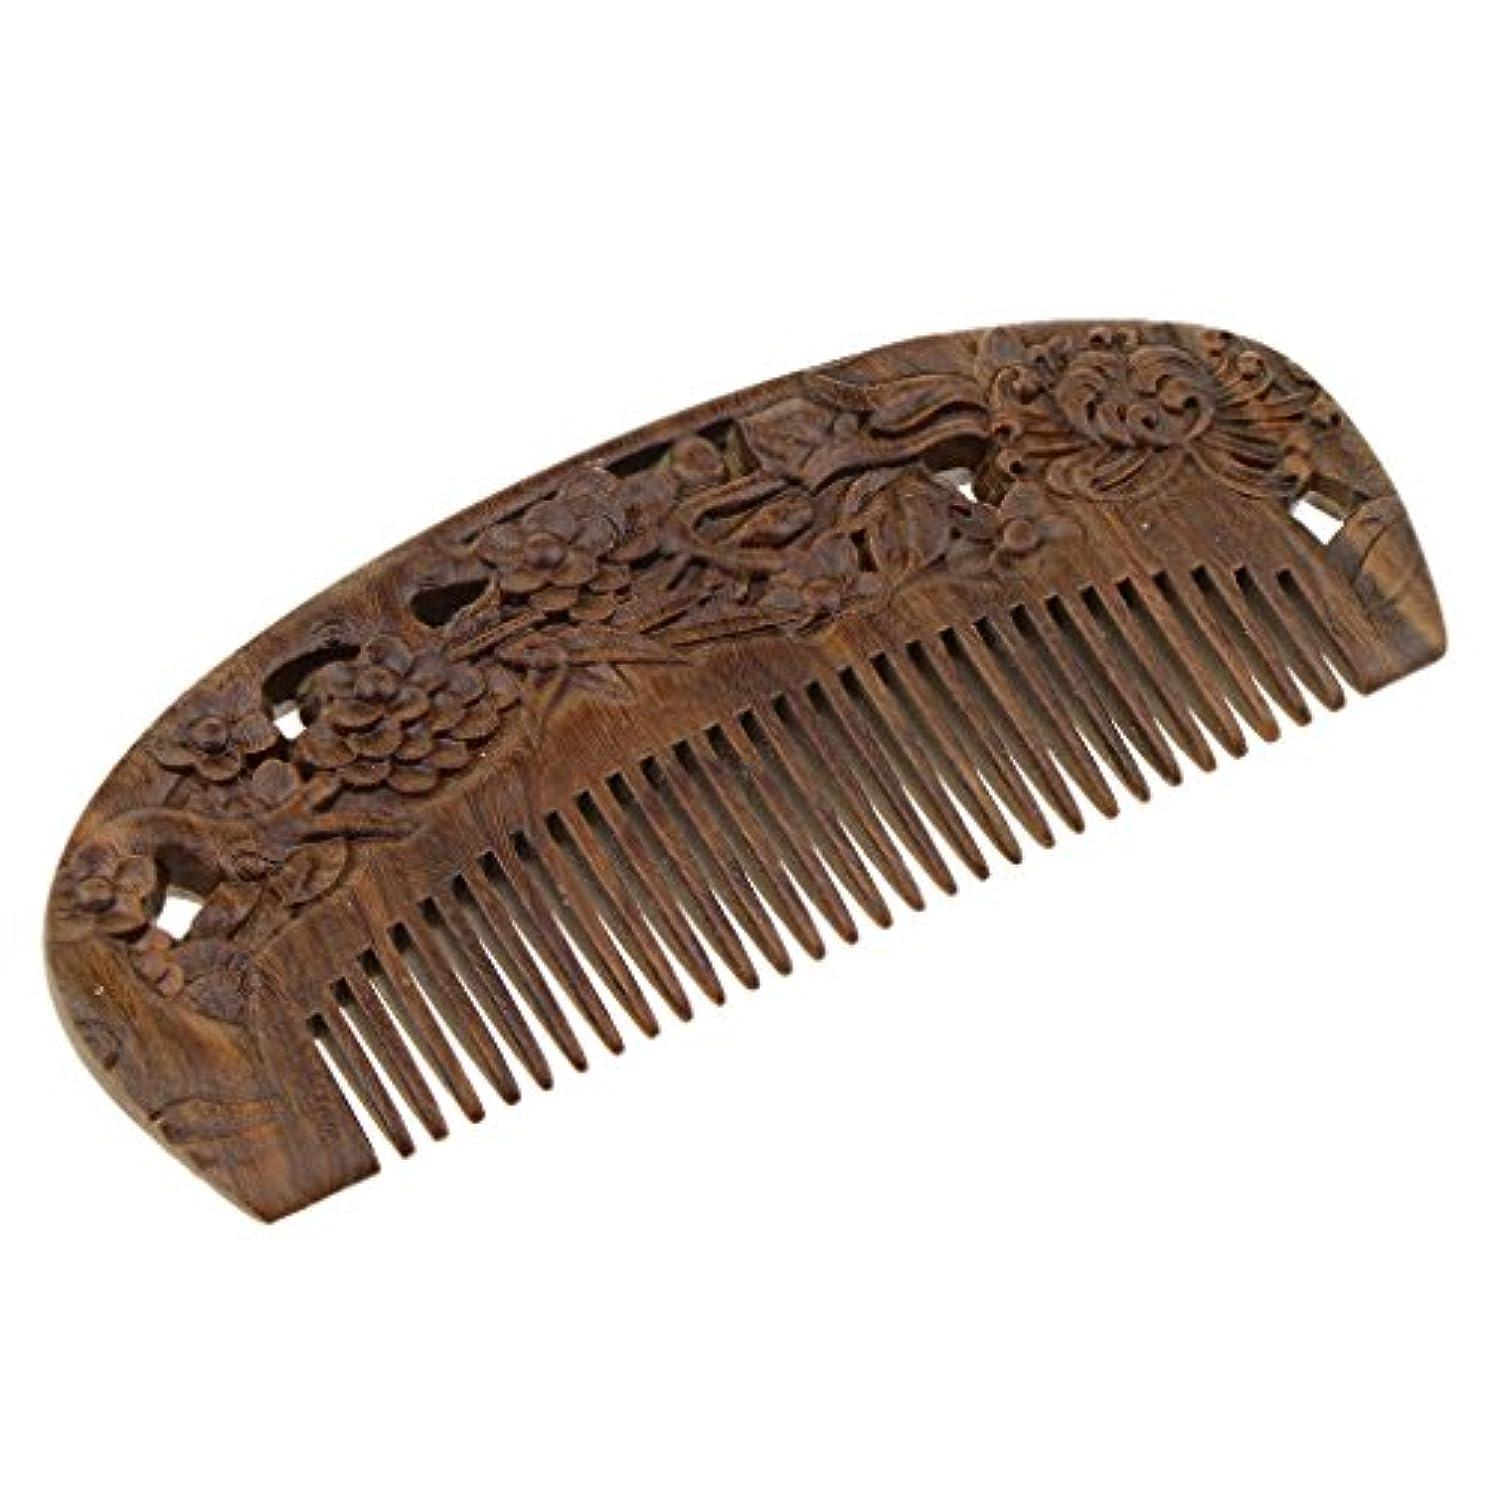 ファイル豊かにする選択するヘアコーム 木製櫛 頭皮マッサージ 櫛 ヘアスタイリング 高品質 2タイプ選べる - #2